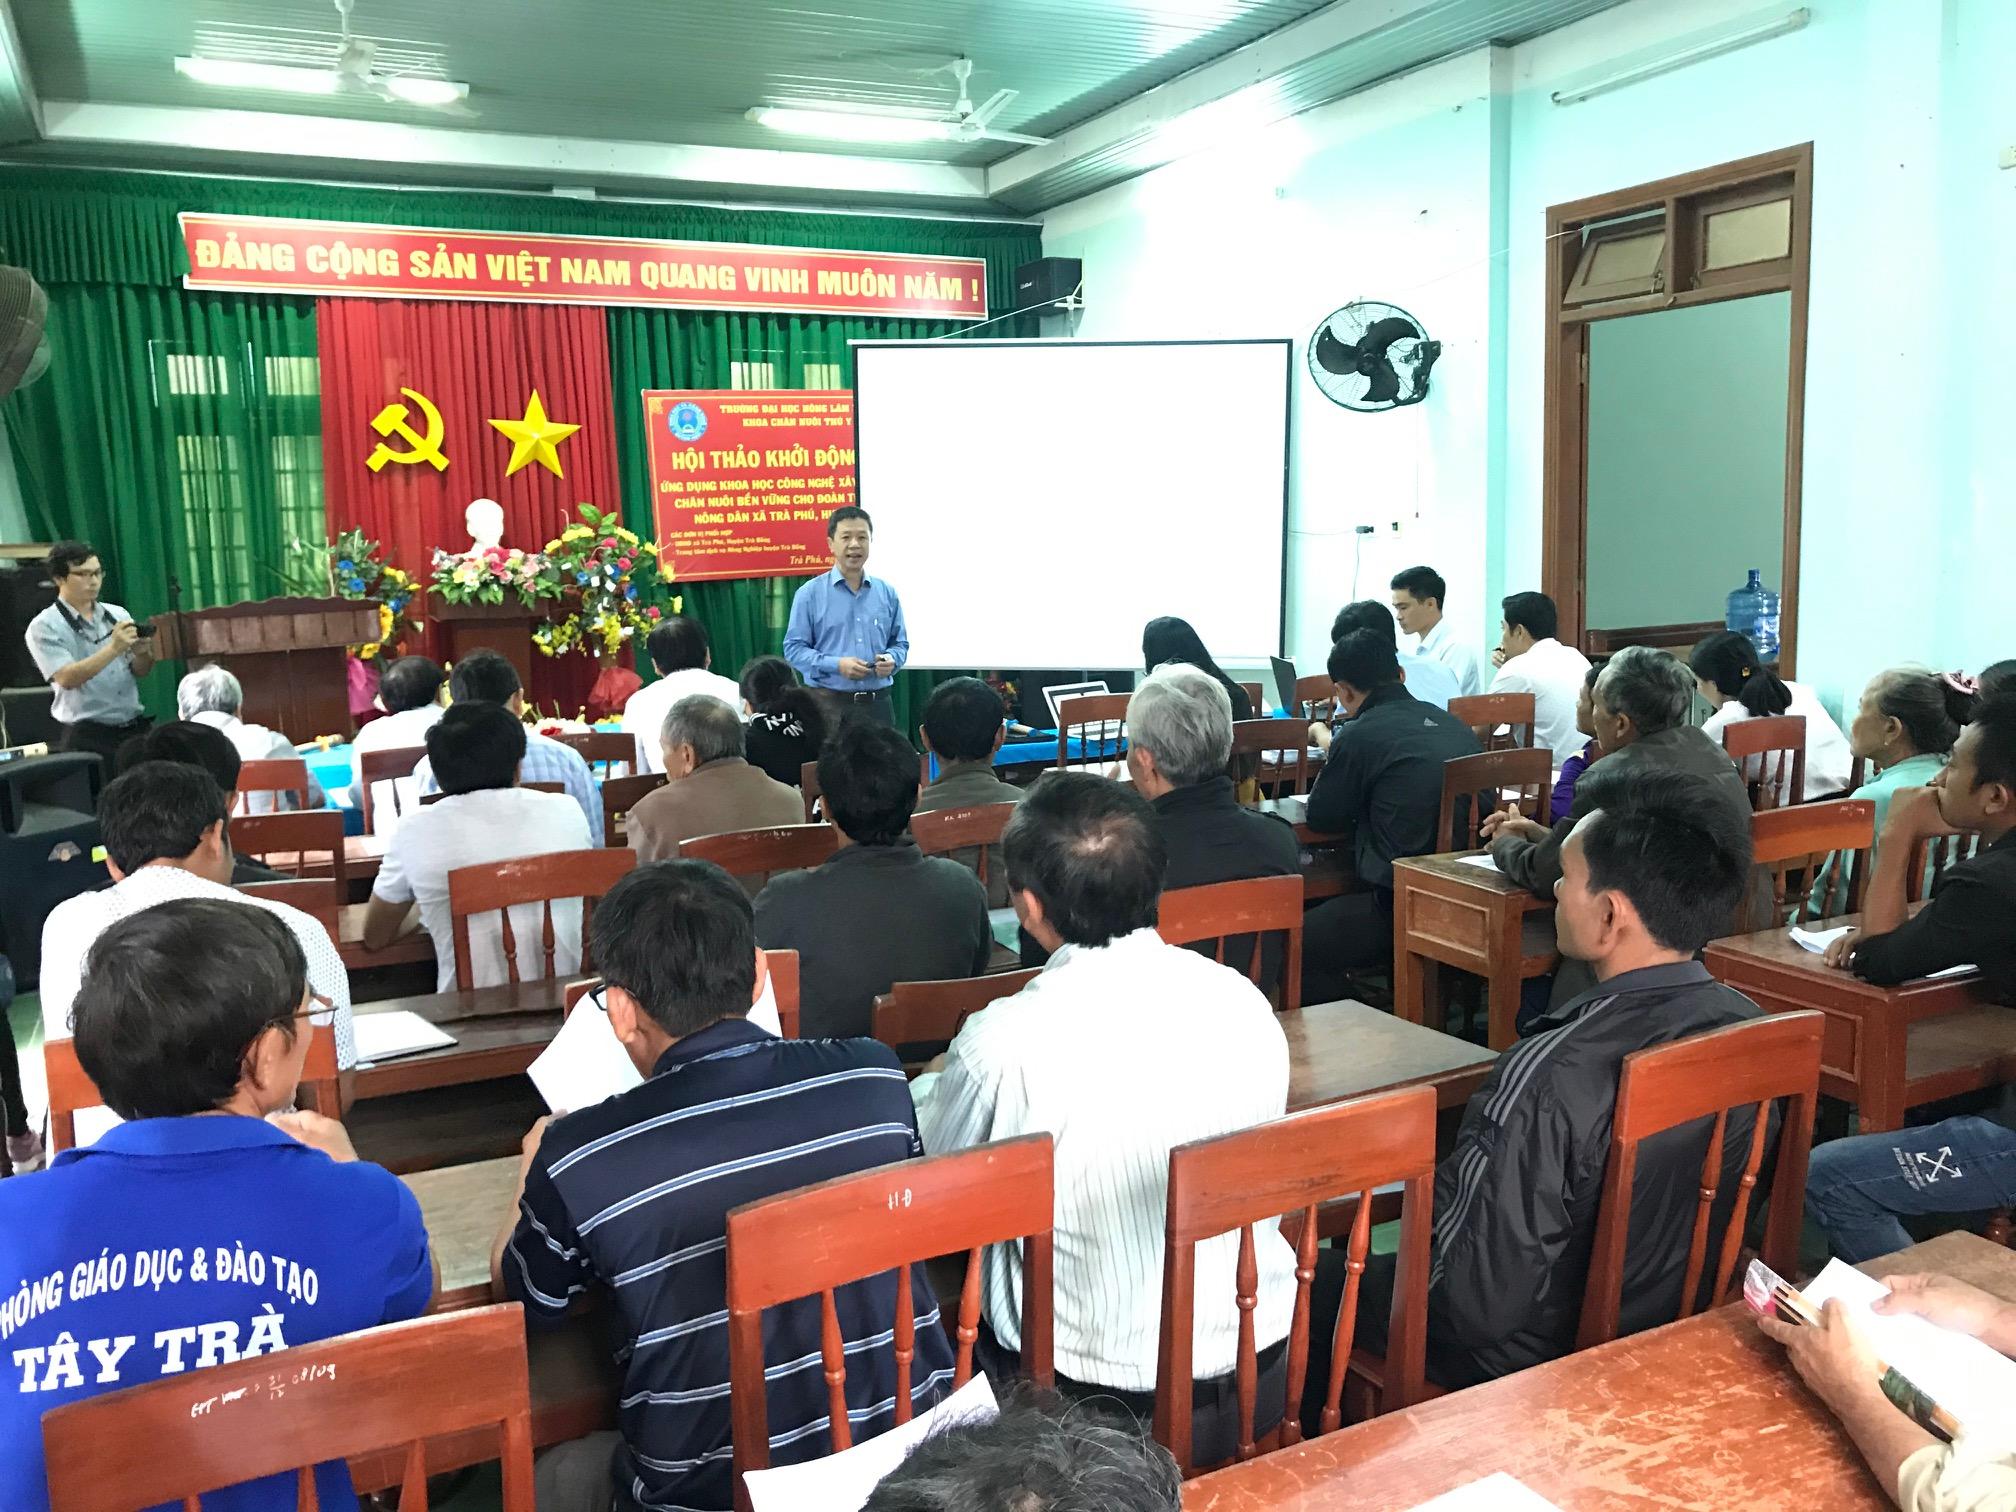 """Hội nghị triển khai dự án """" Ứng dụng KHCN xây dựng mô hình chăn nuôi bền vững cho Đoàn viên thanh niên và nông dân xã Trà Phú, huyện Trà Bồng"""""""